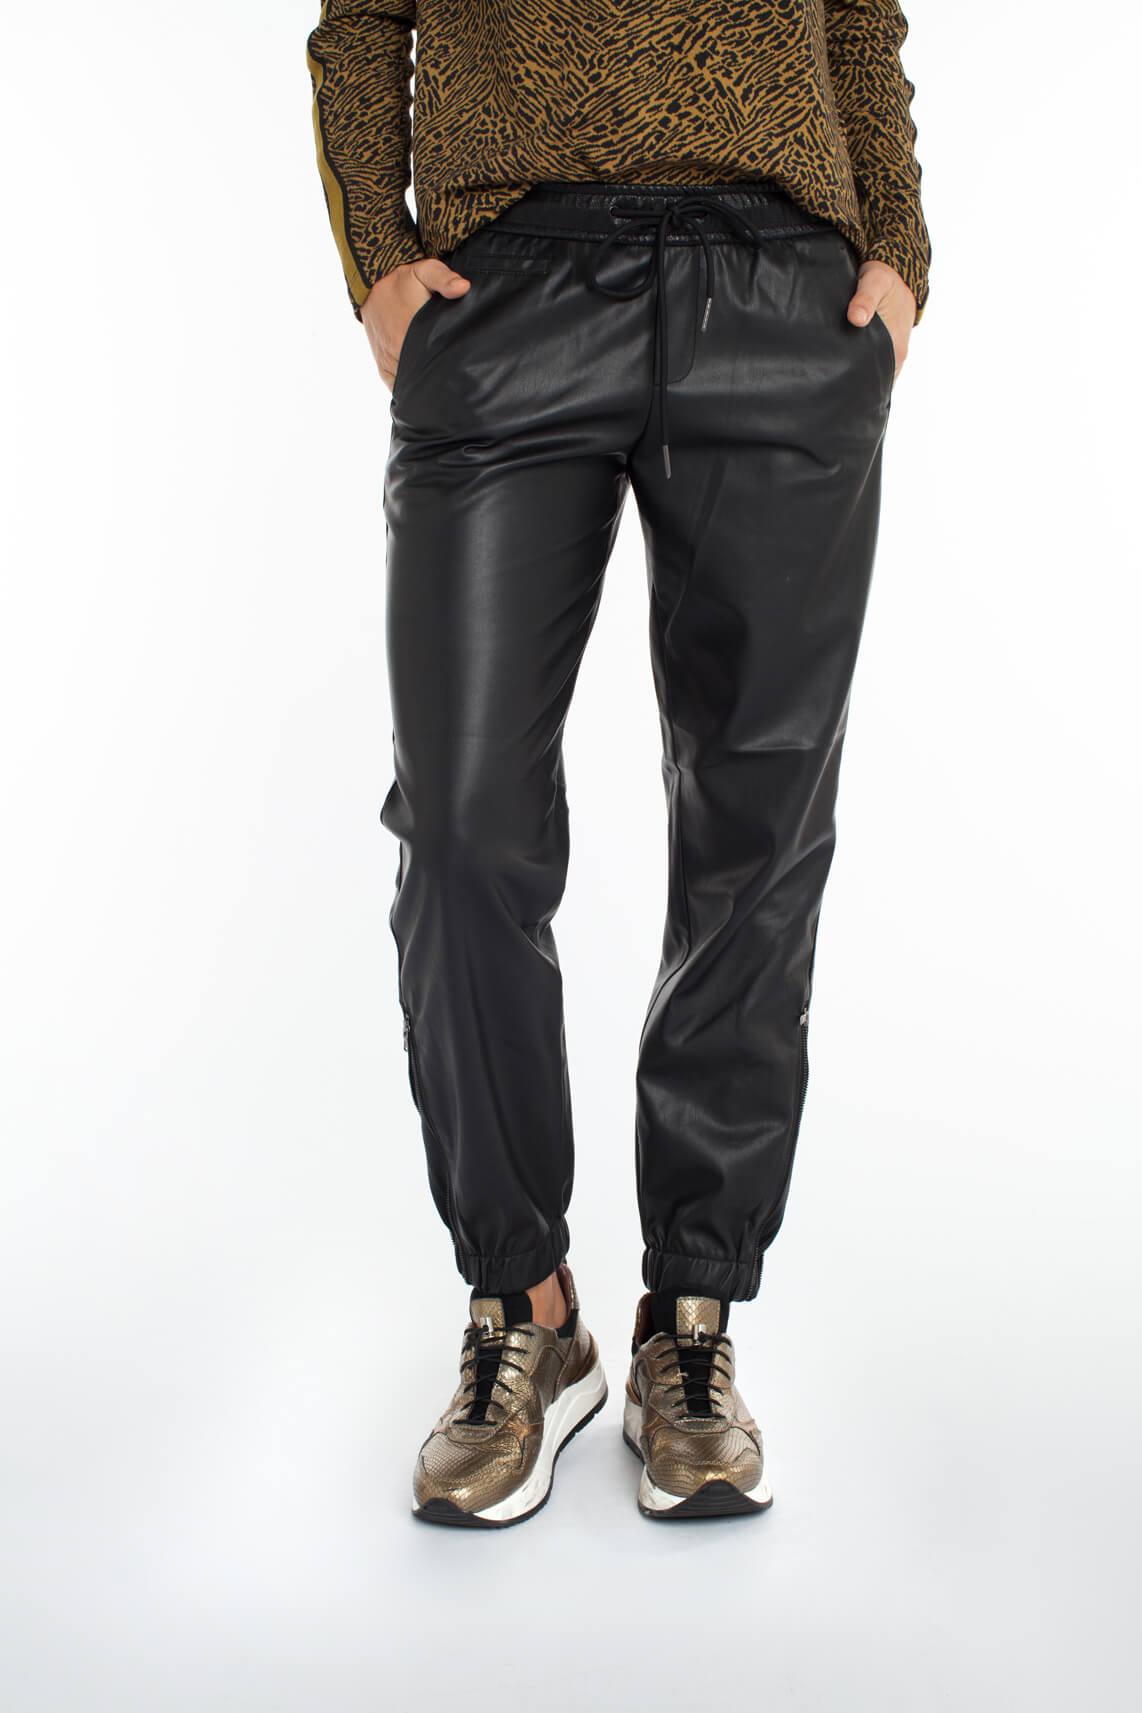 Rosner Dames May imitatieleren broek zwart